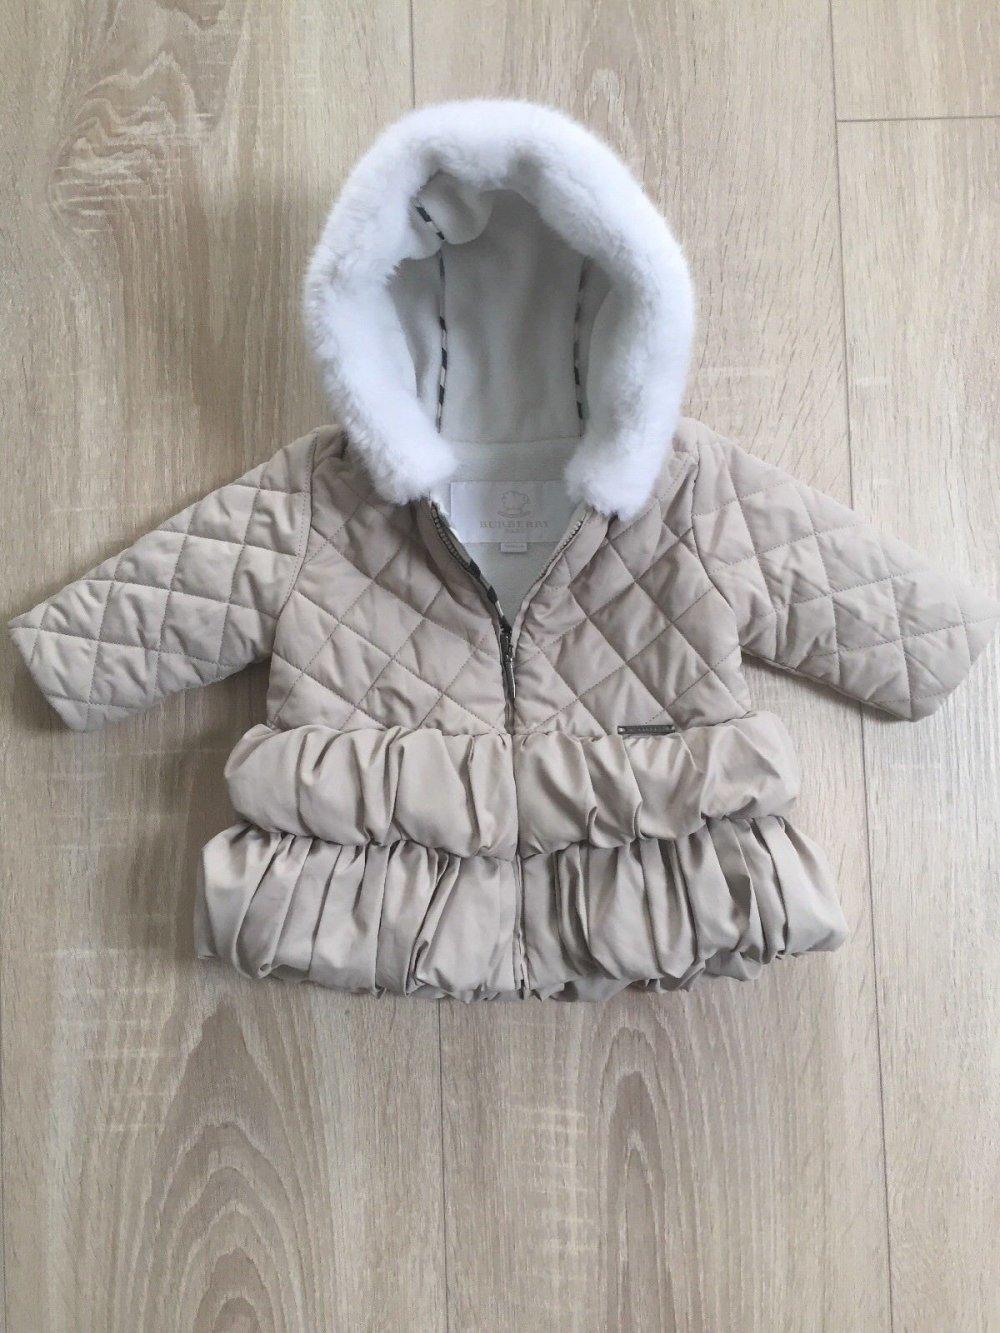 bieten Rabatte ziemlich billig Genieße den reduzierten Preis Wunderschöne Jacke Burberry Baby Jacke 62